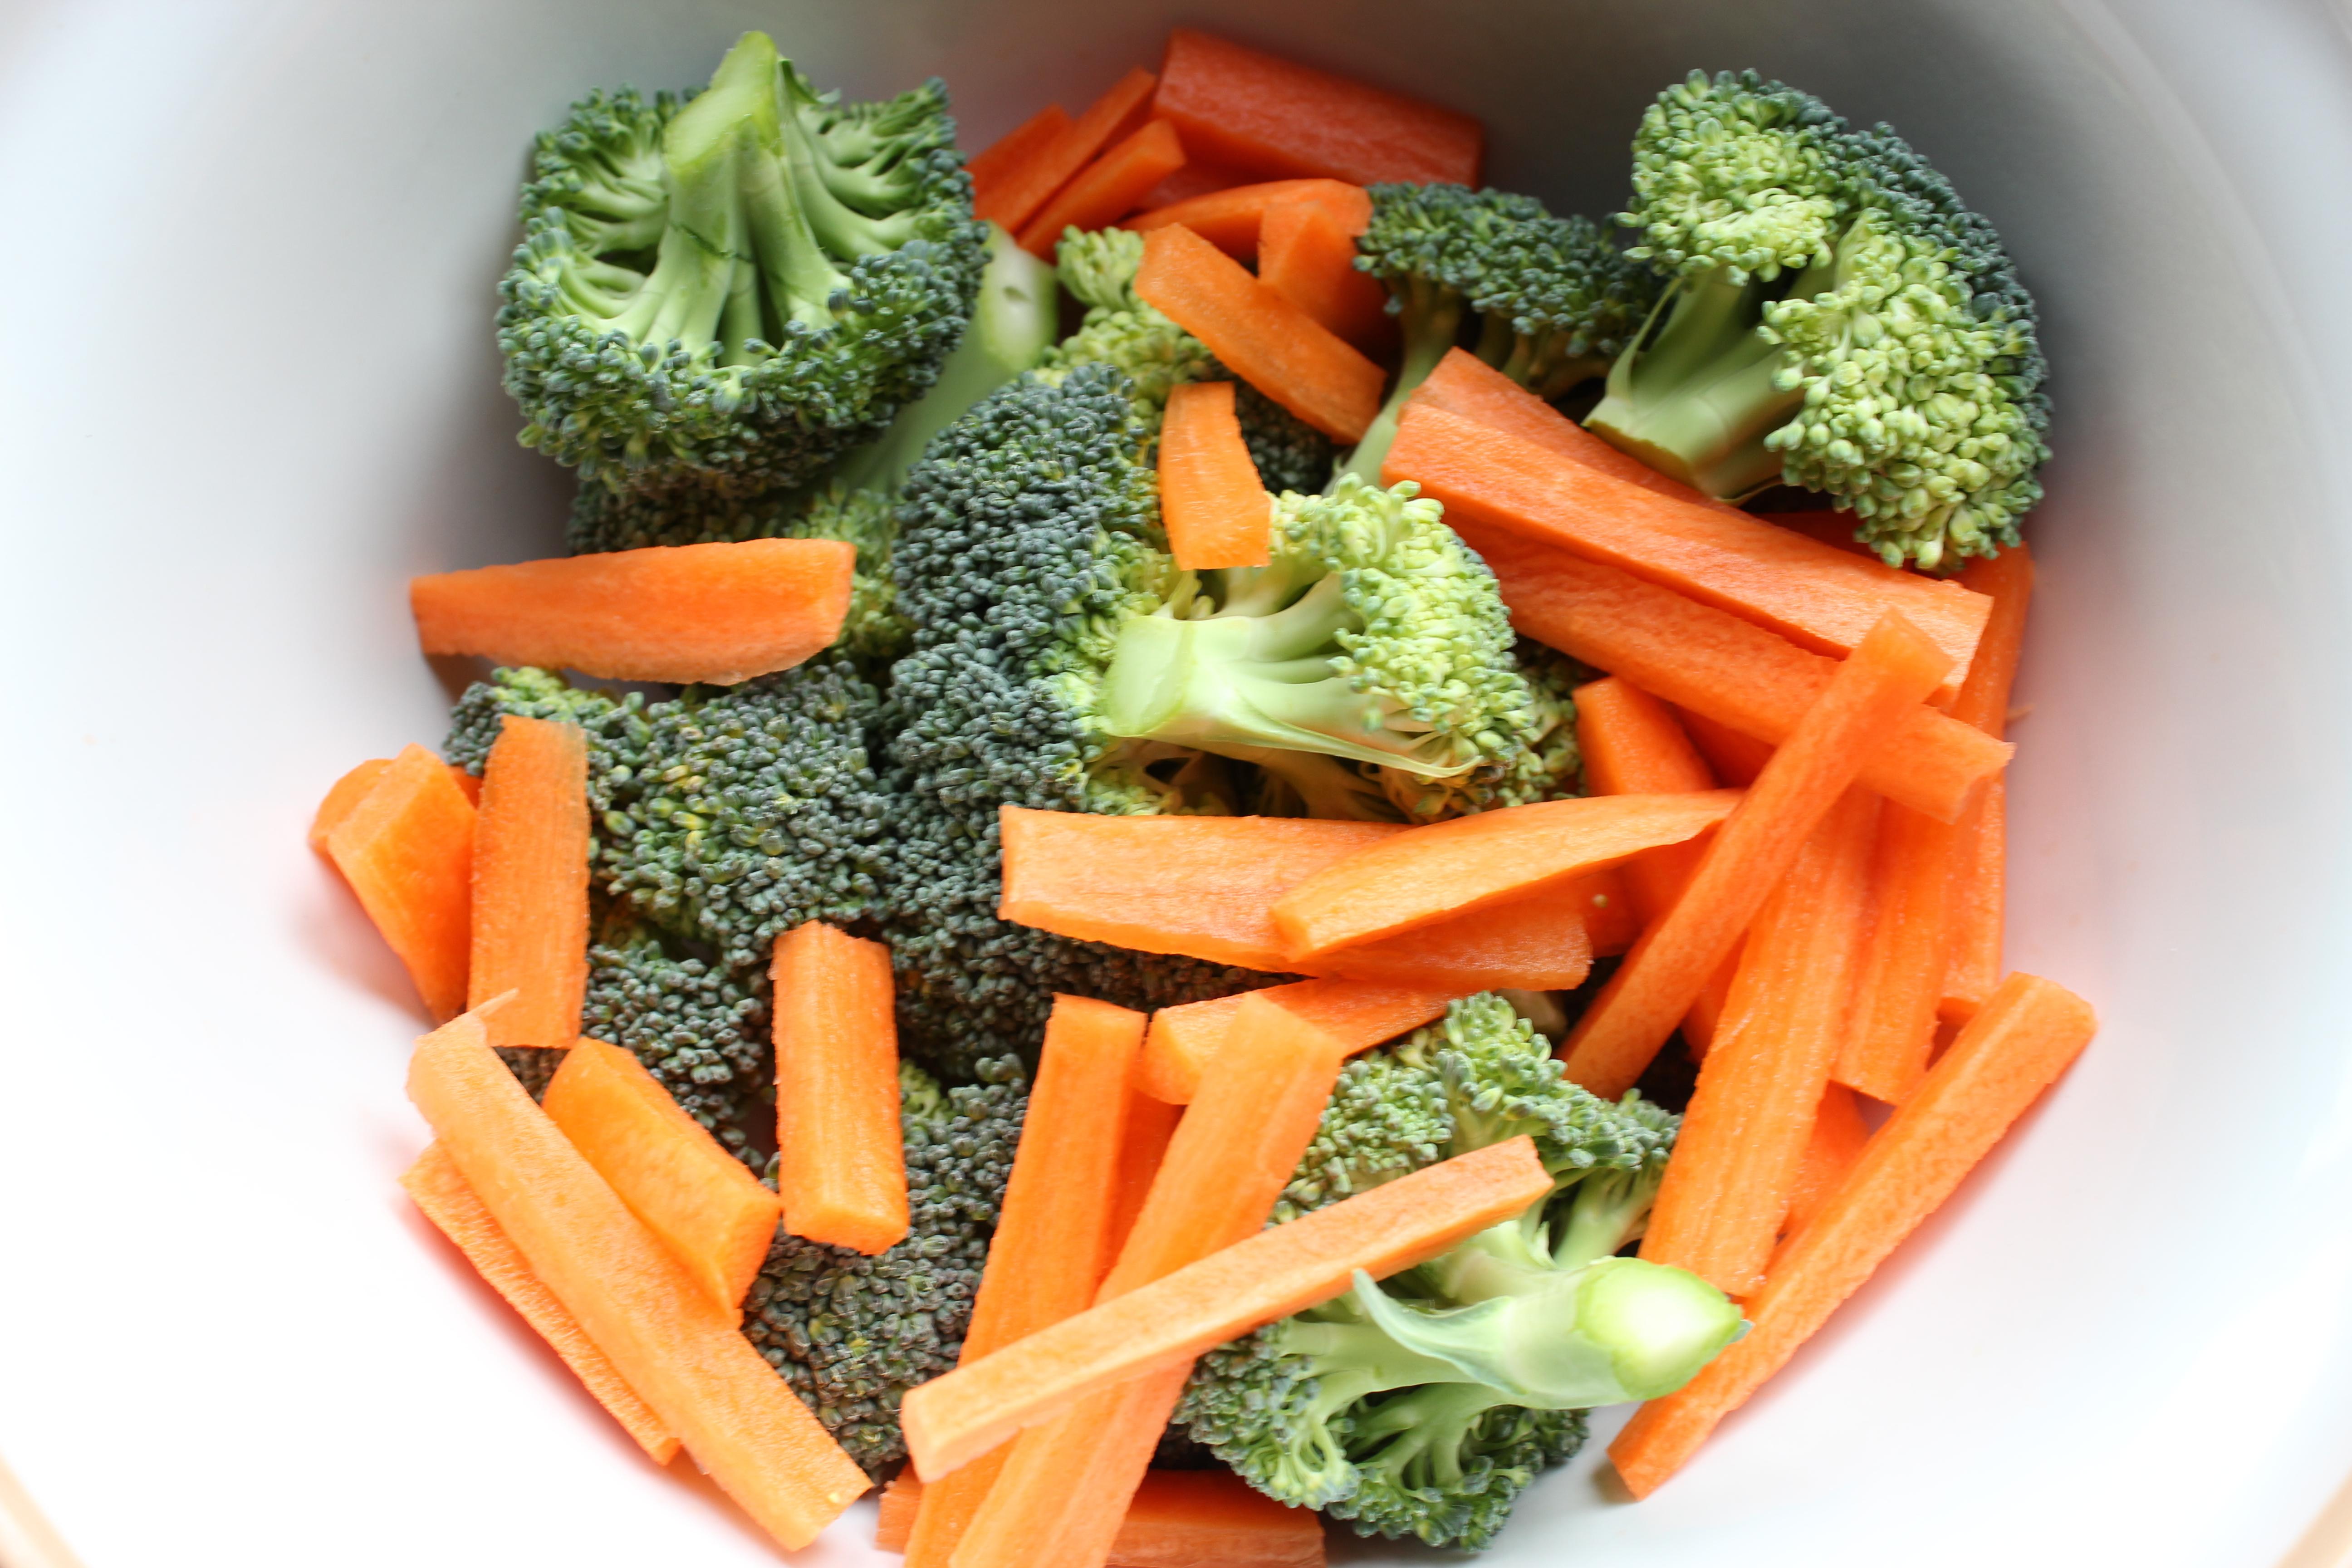 broccoli, carrots